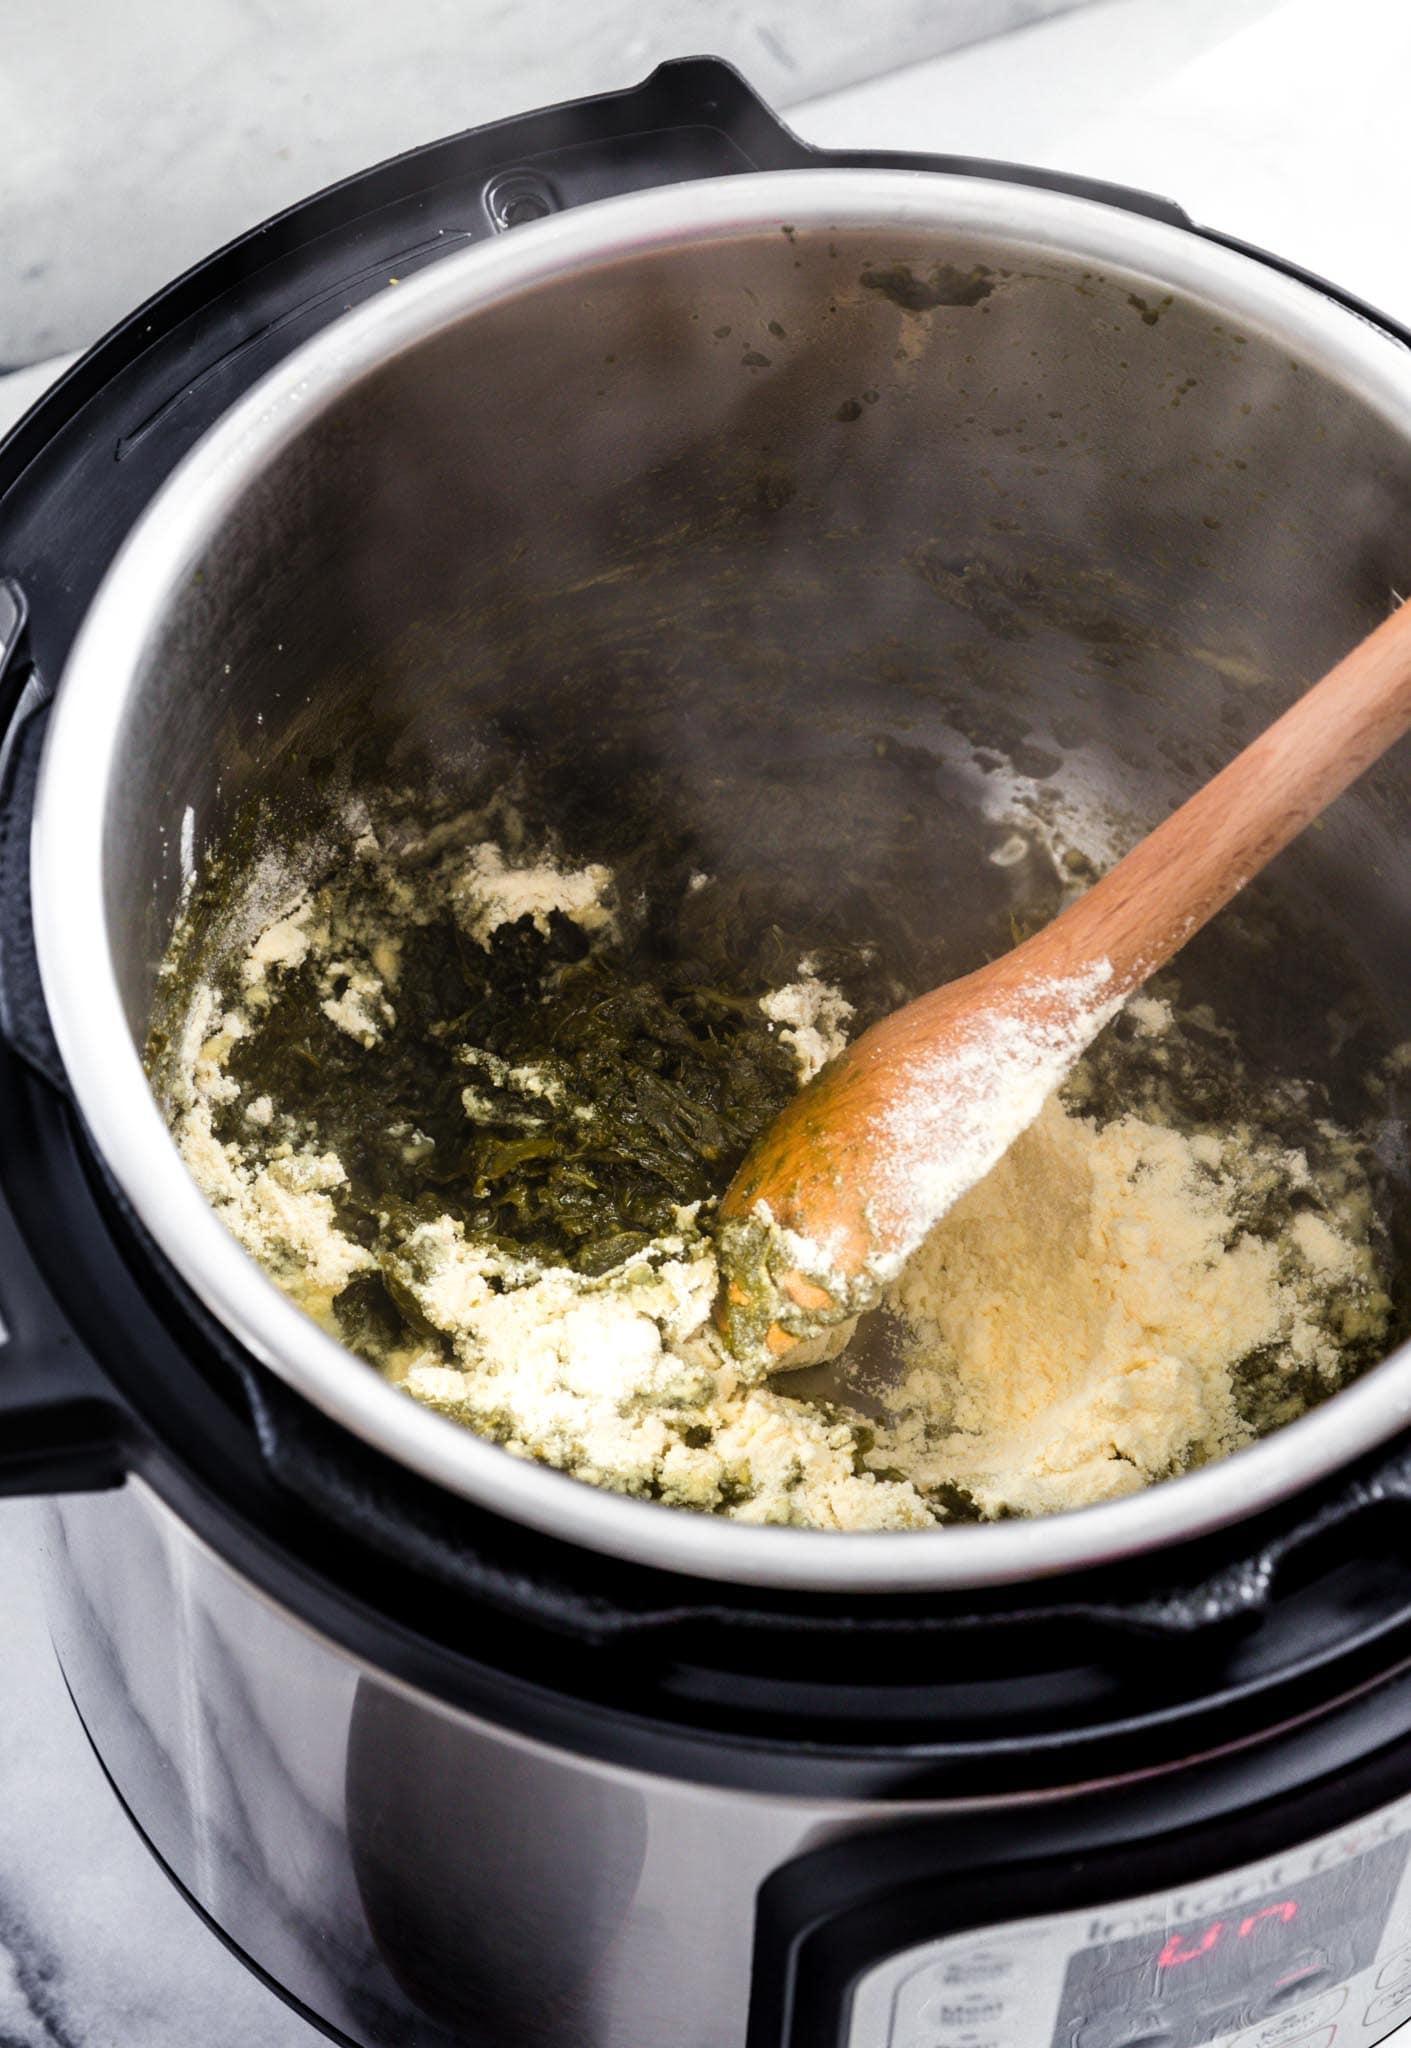 Sauteing corn flour to make Instant Pot Sarson Ka Saag